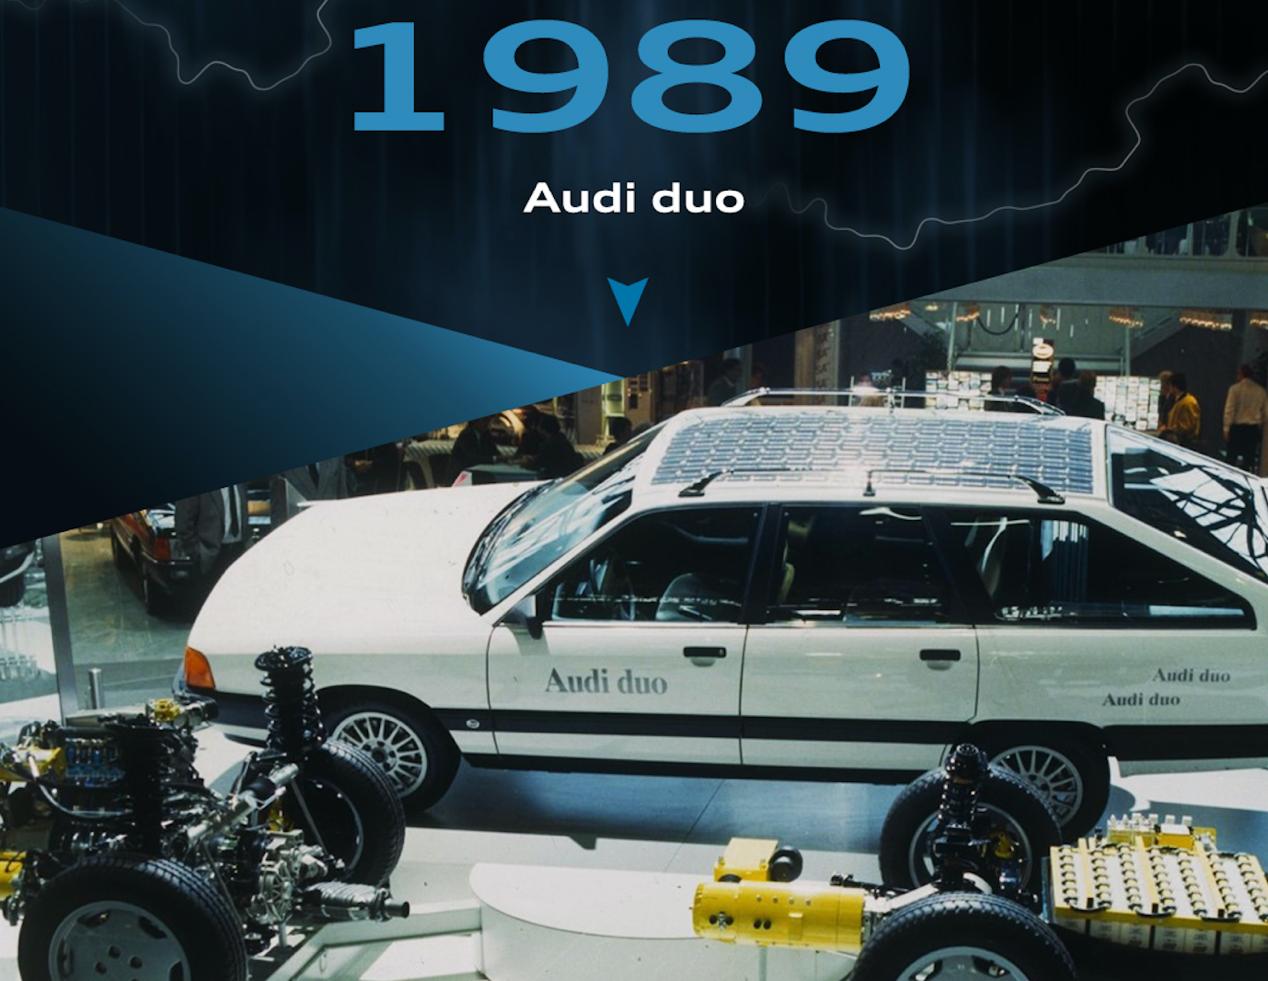 (1989年 Audi duo)